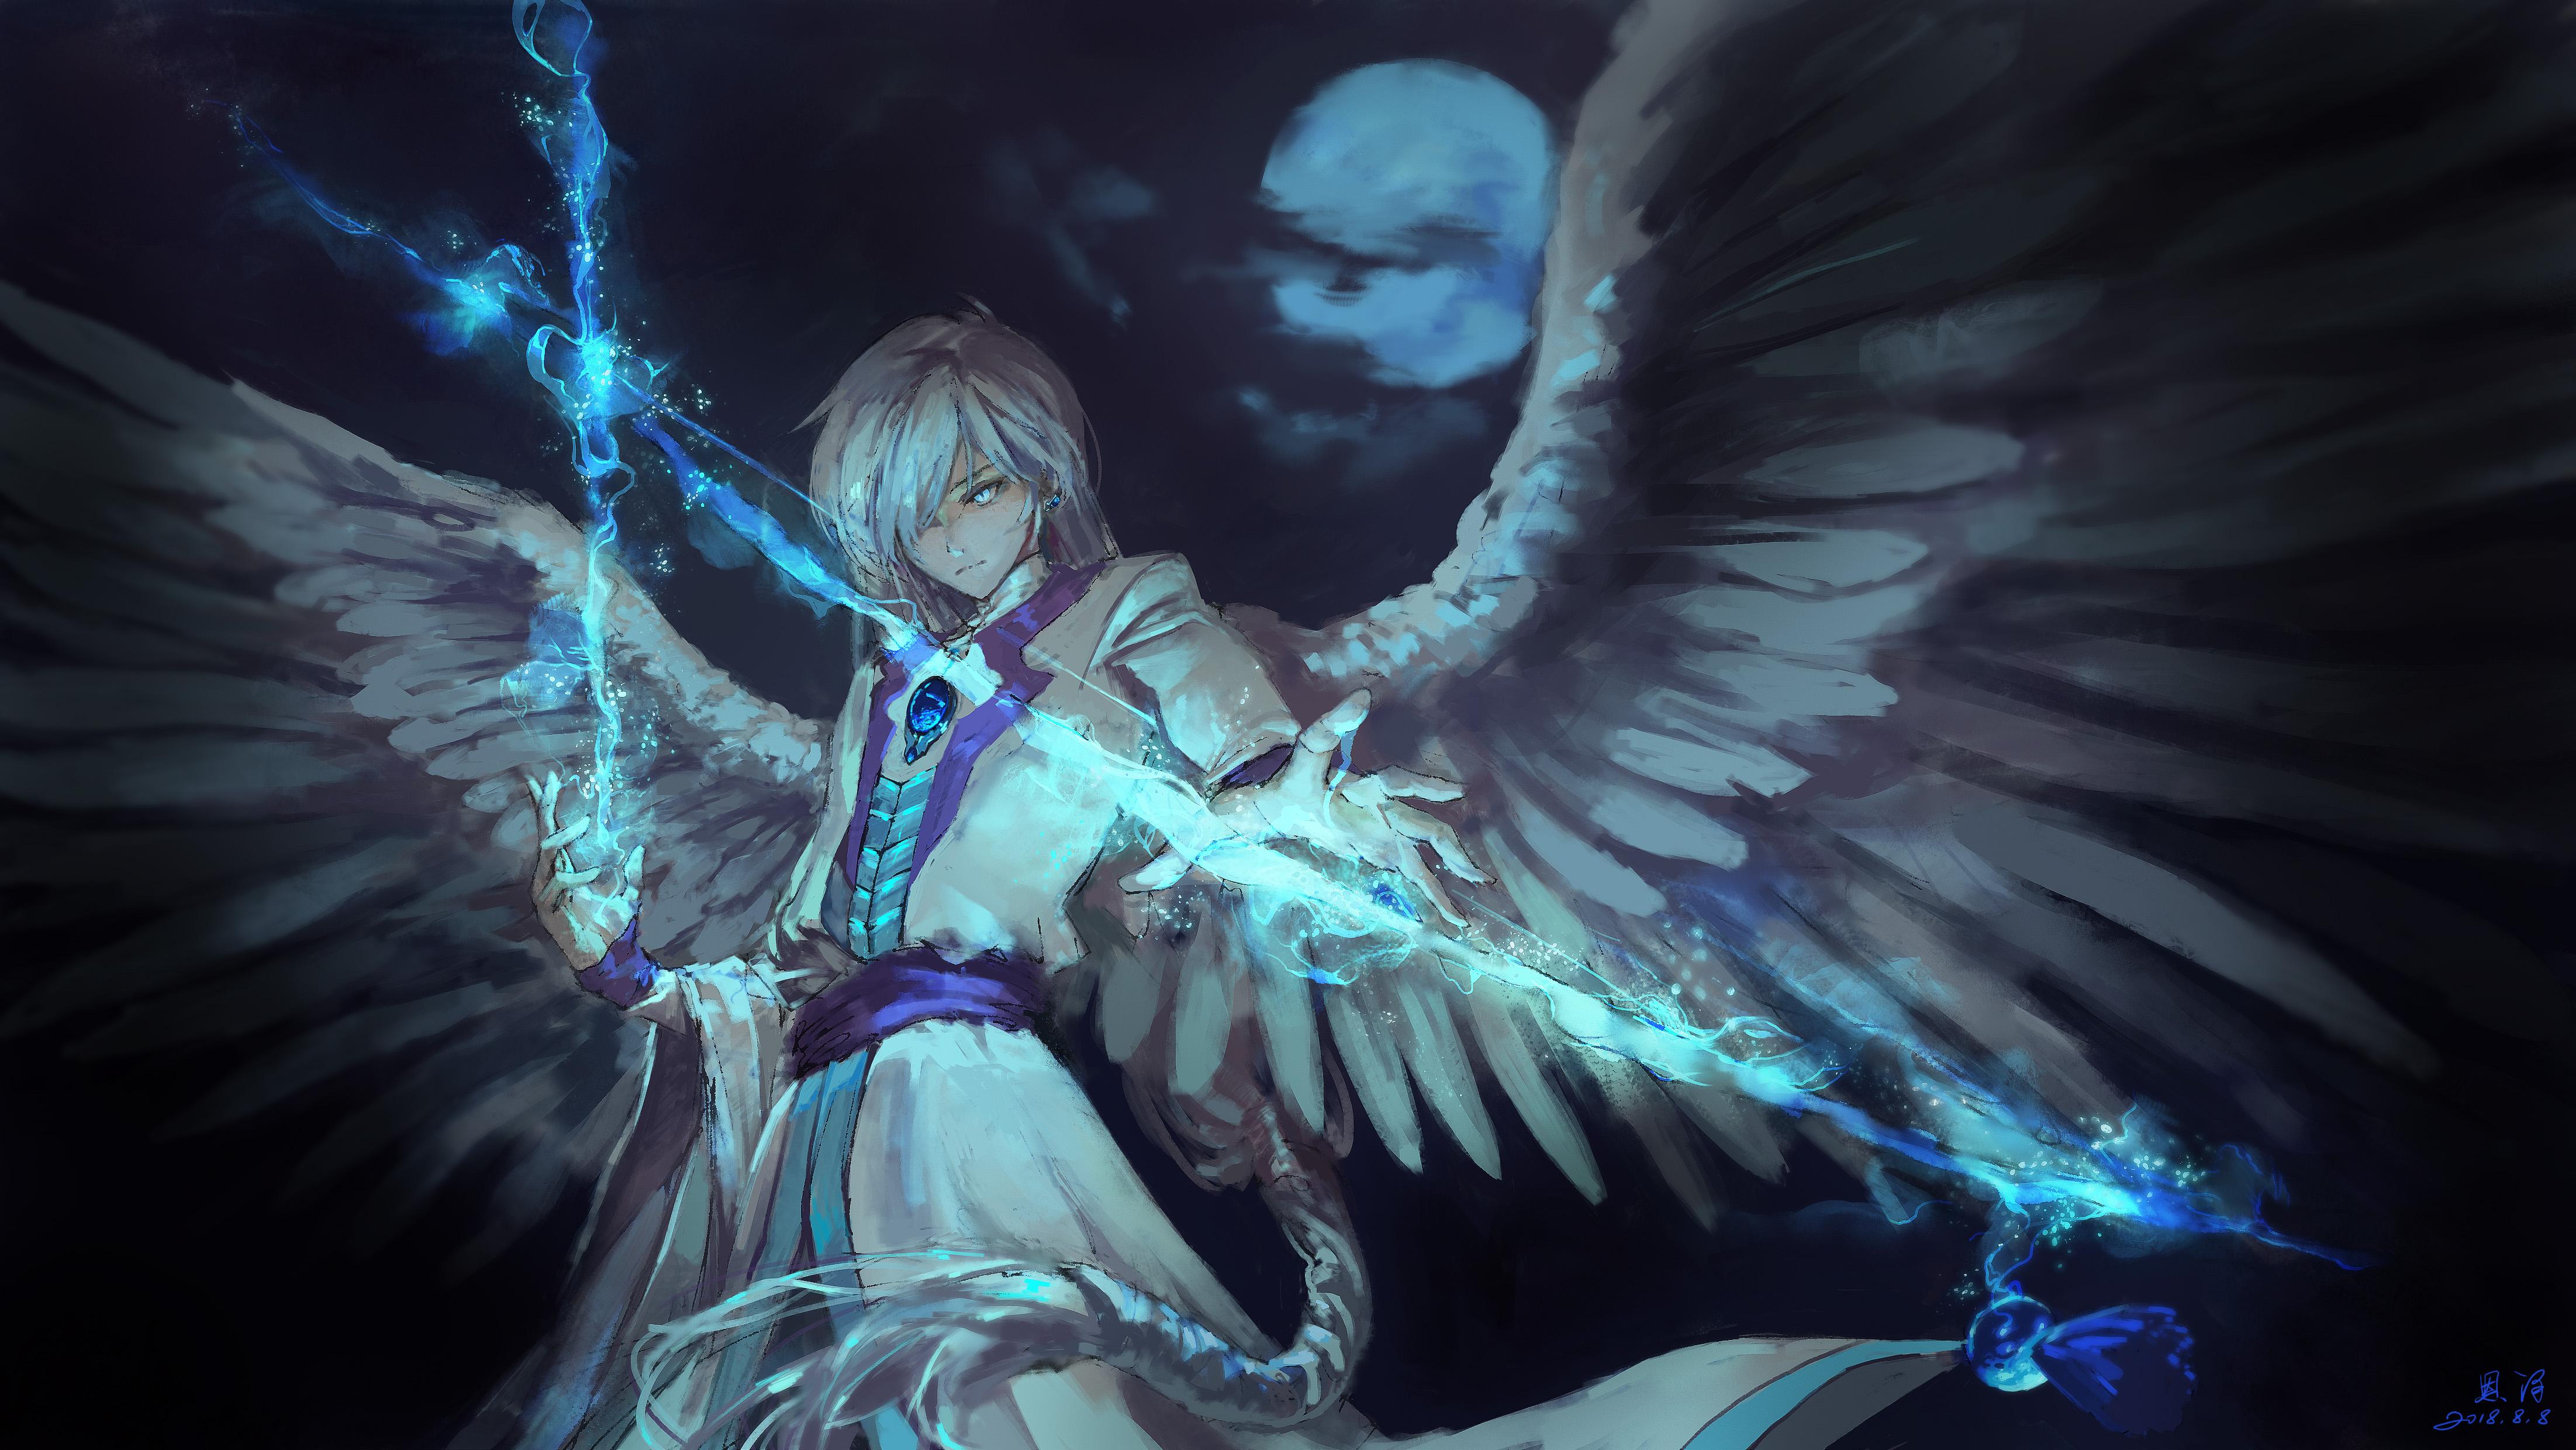 Anime Angel Boy With Magical Arrow, HD Anime, 4k